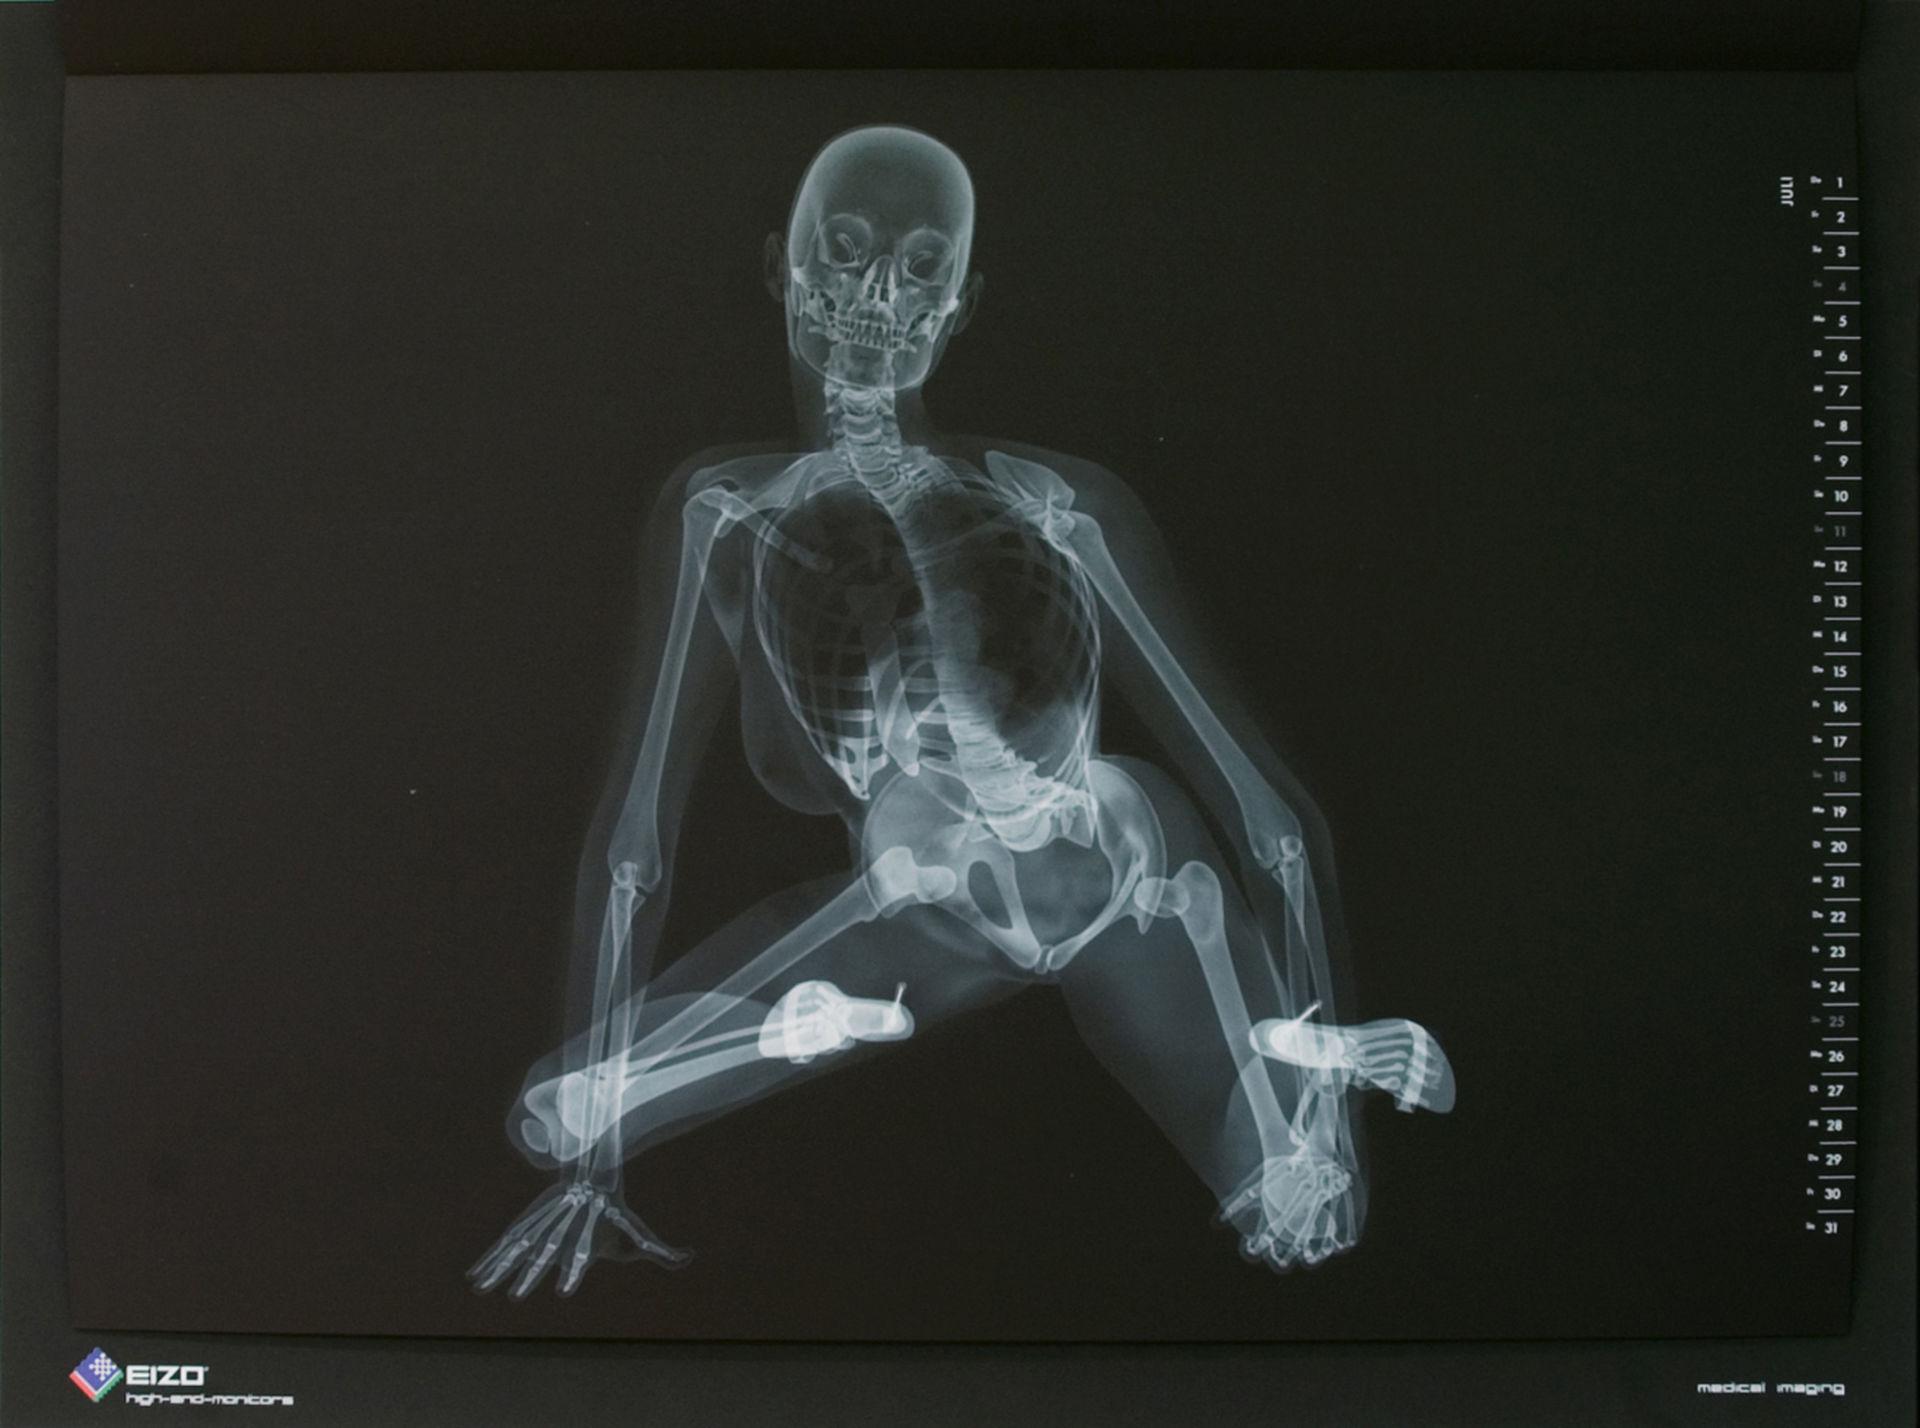 X-ray calendario pinup di EIZO (luglio)